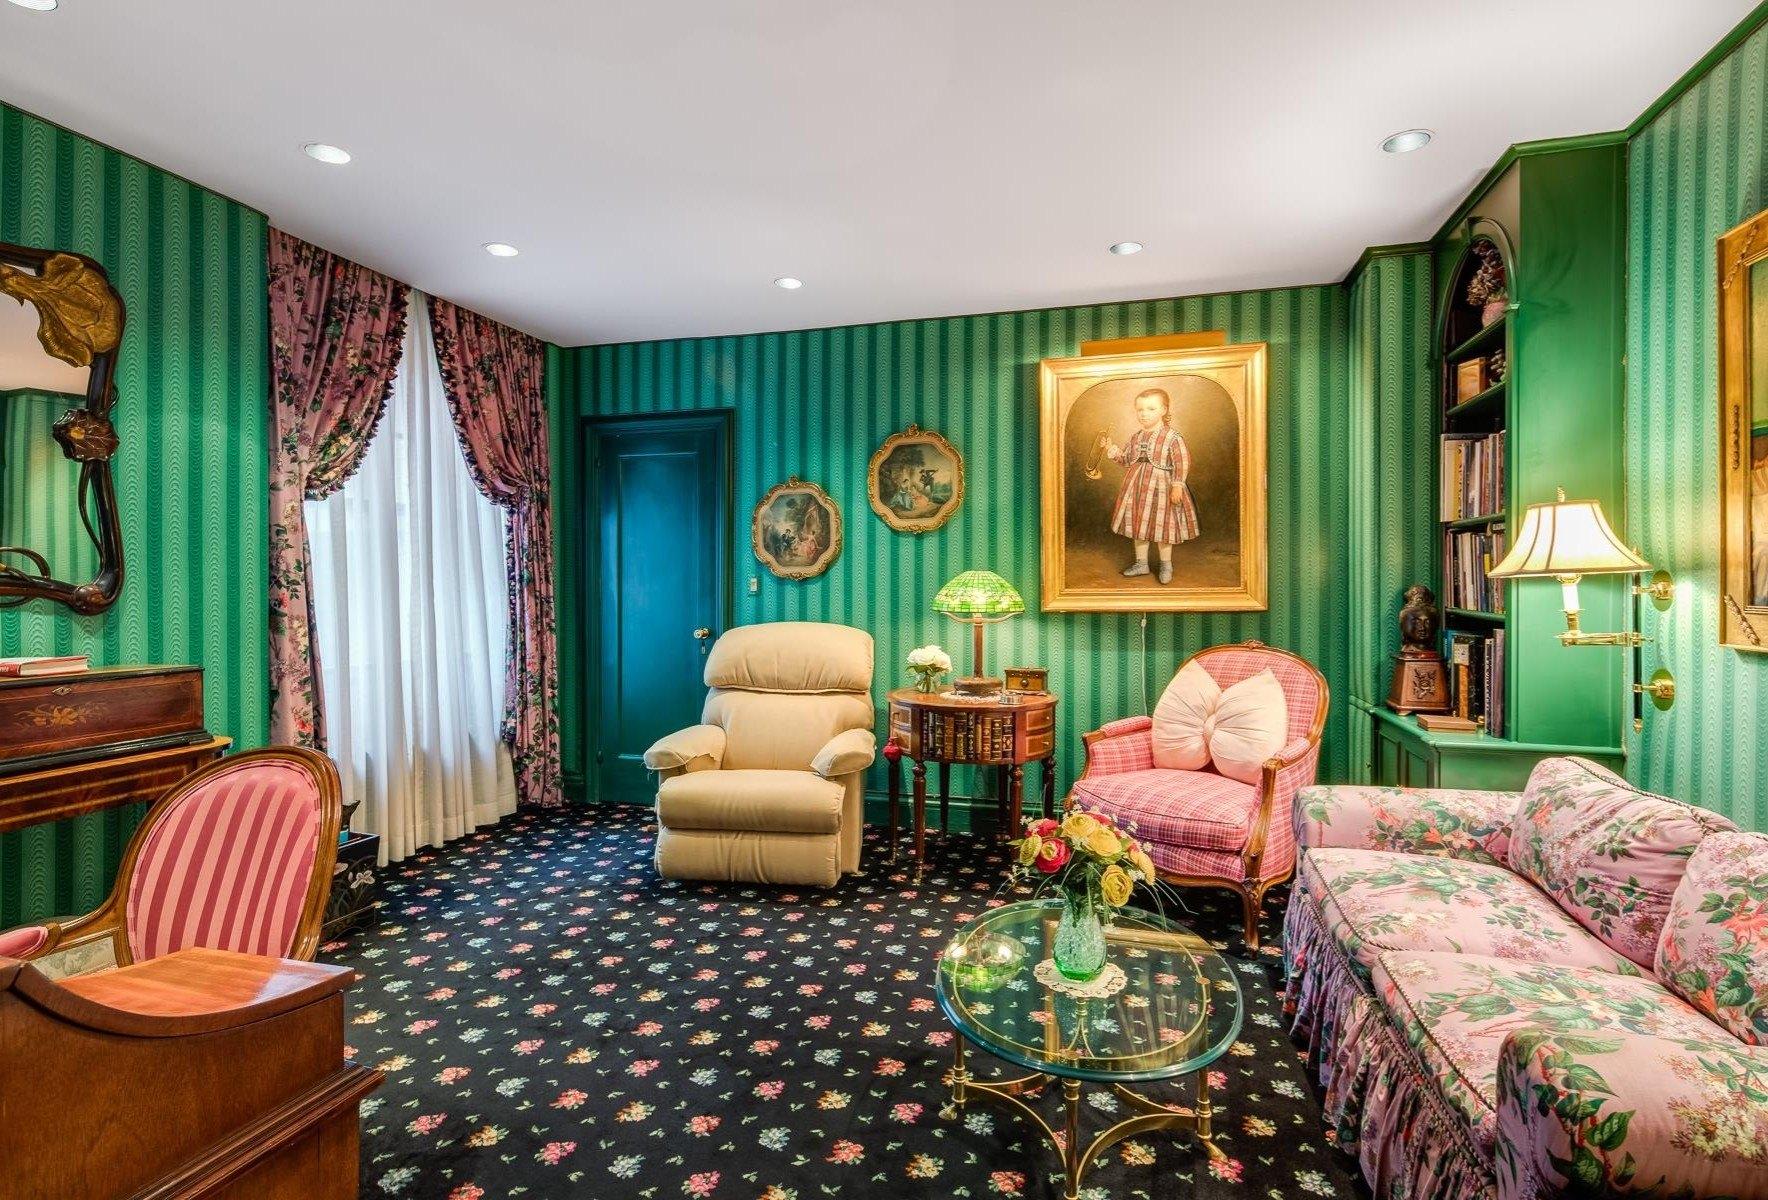 965 Fifth Avenue, Drew Barrymore, Upper East Side co-op